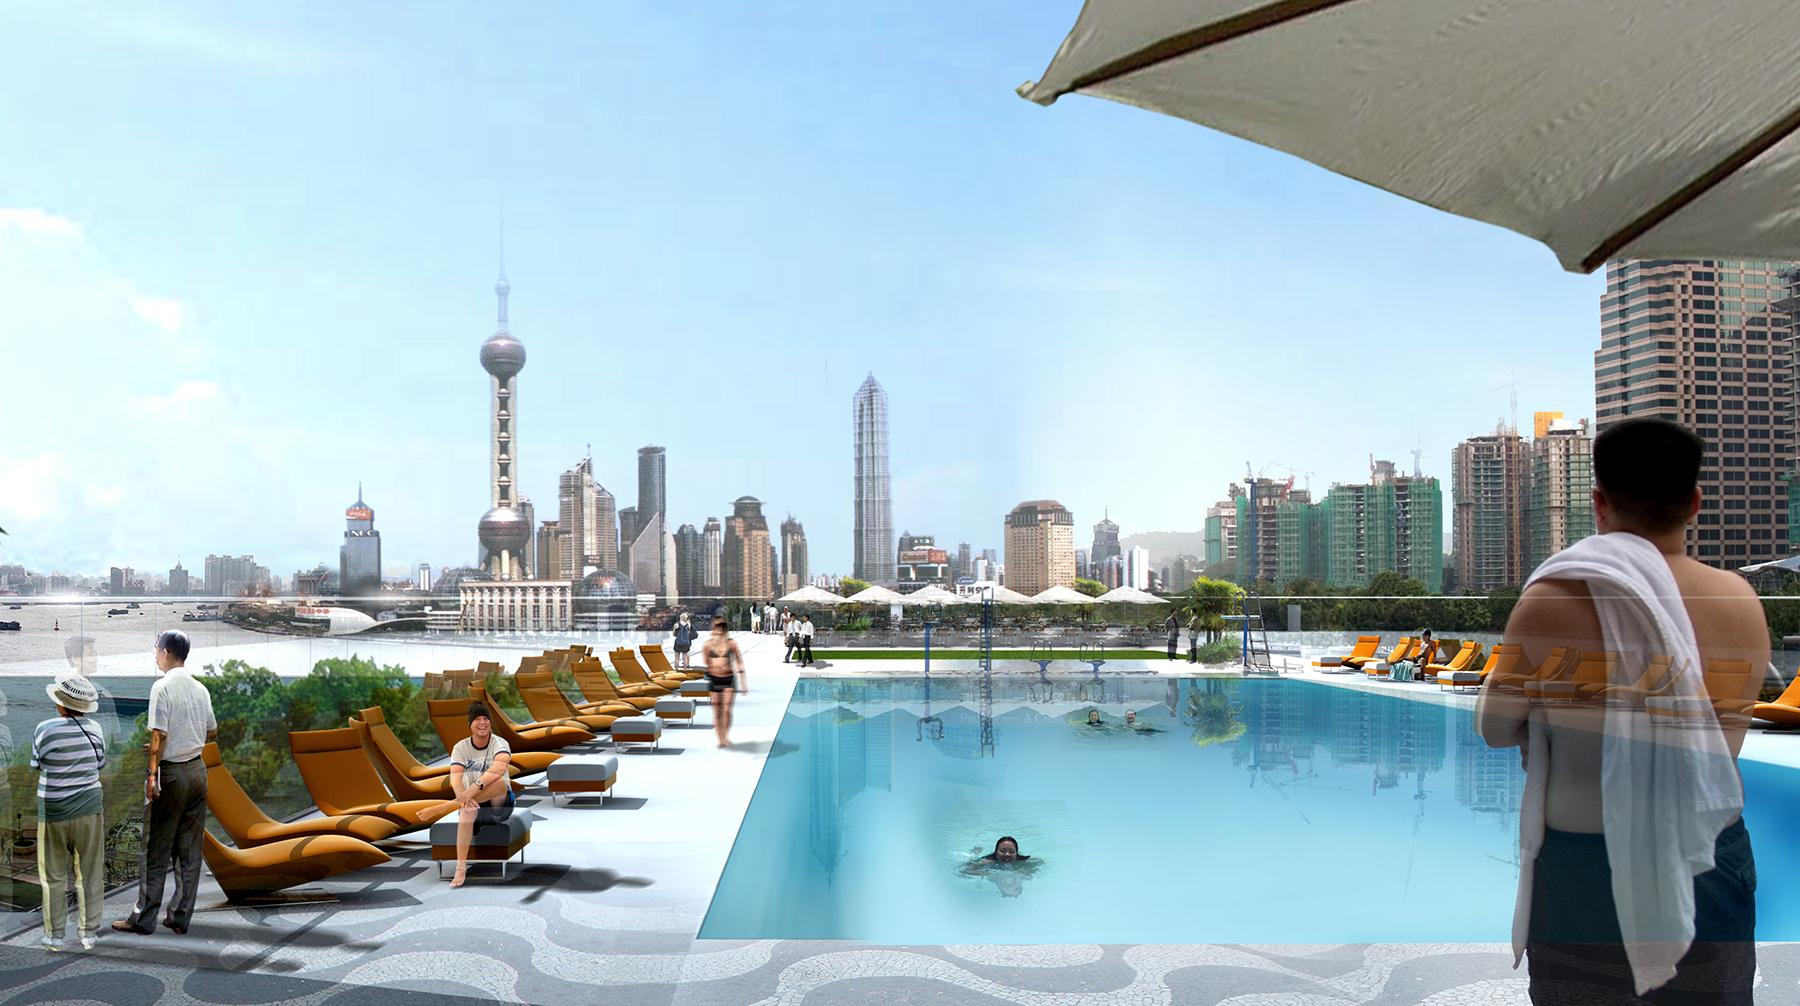 INTERSENS - JEAN-PAUL VIGUIER ARCHITECTE - Concours piscine - Shangai